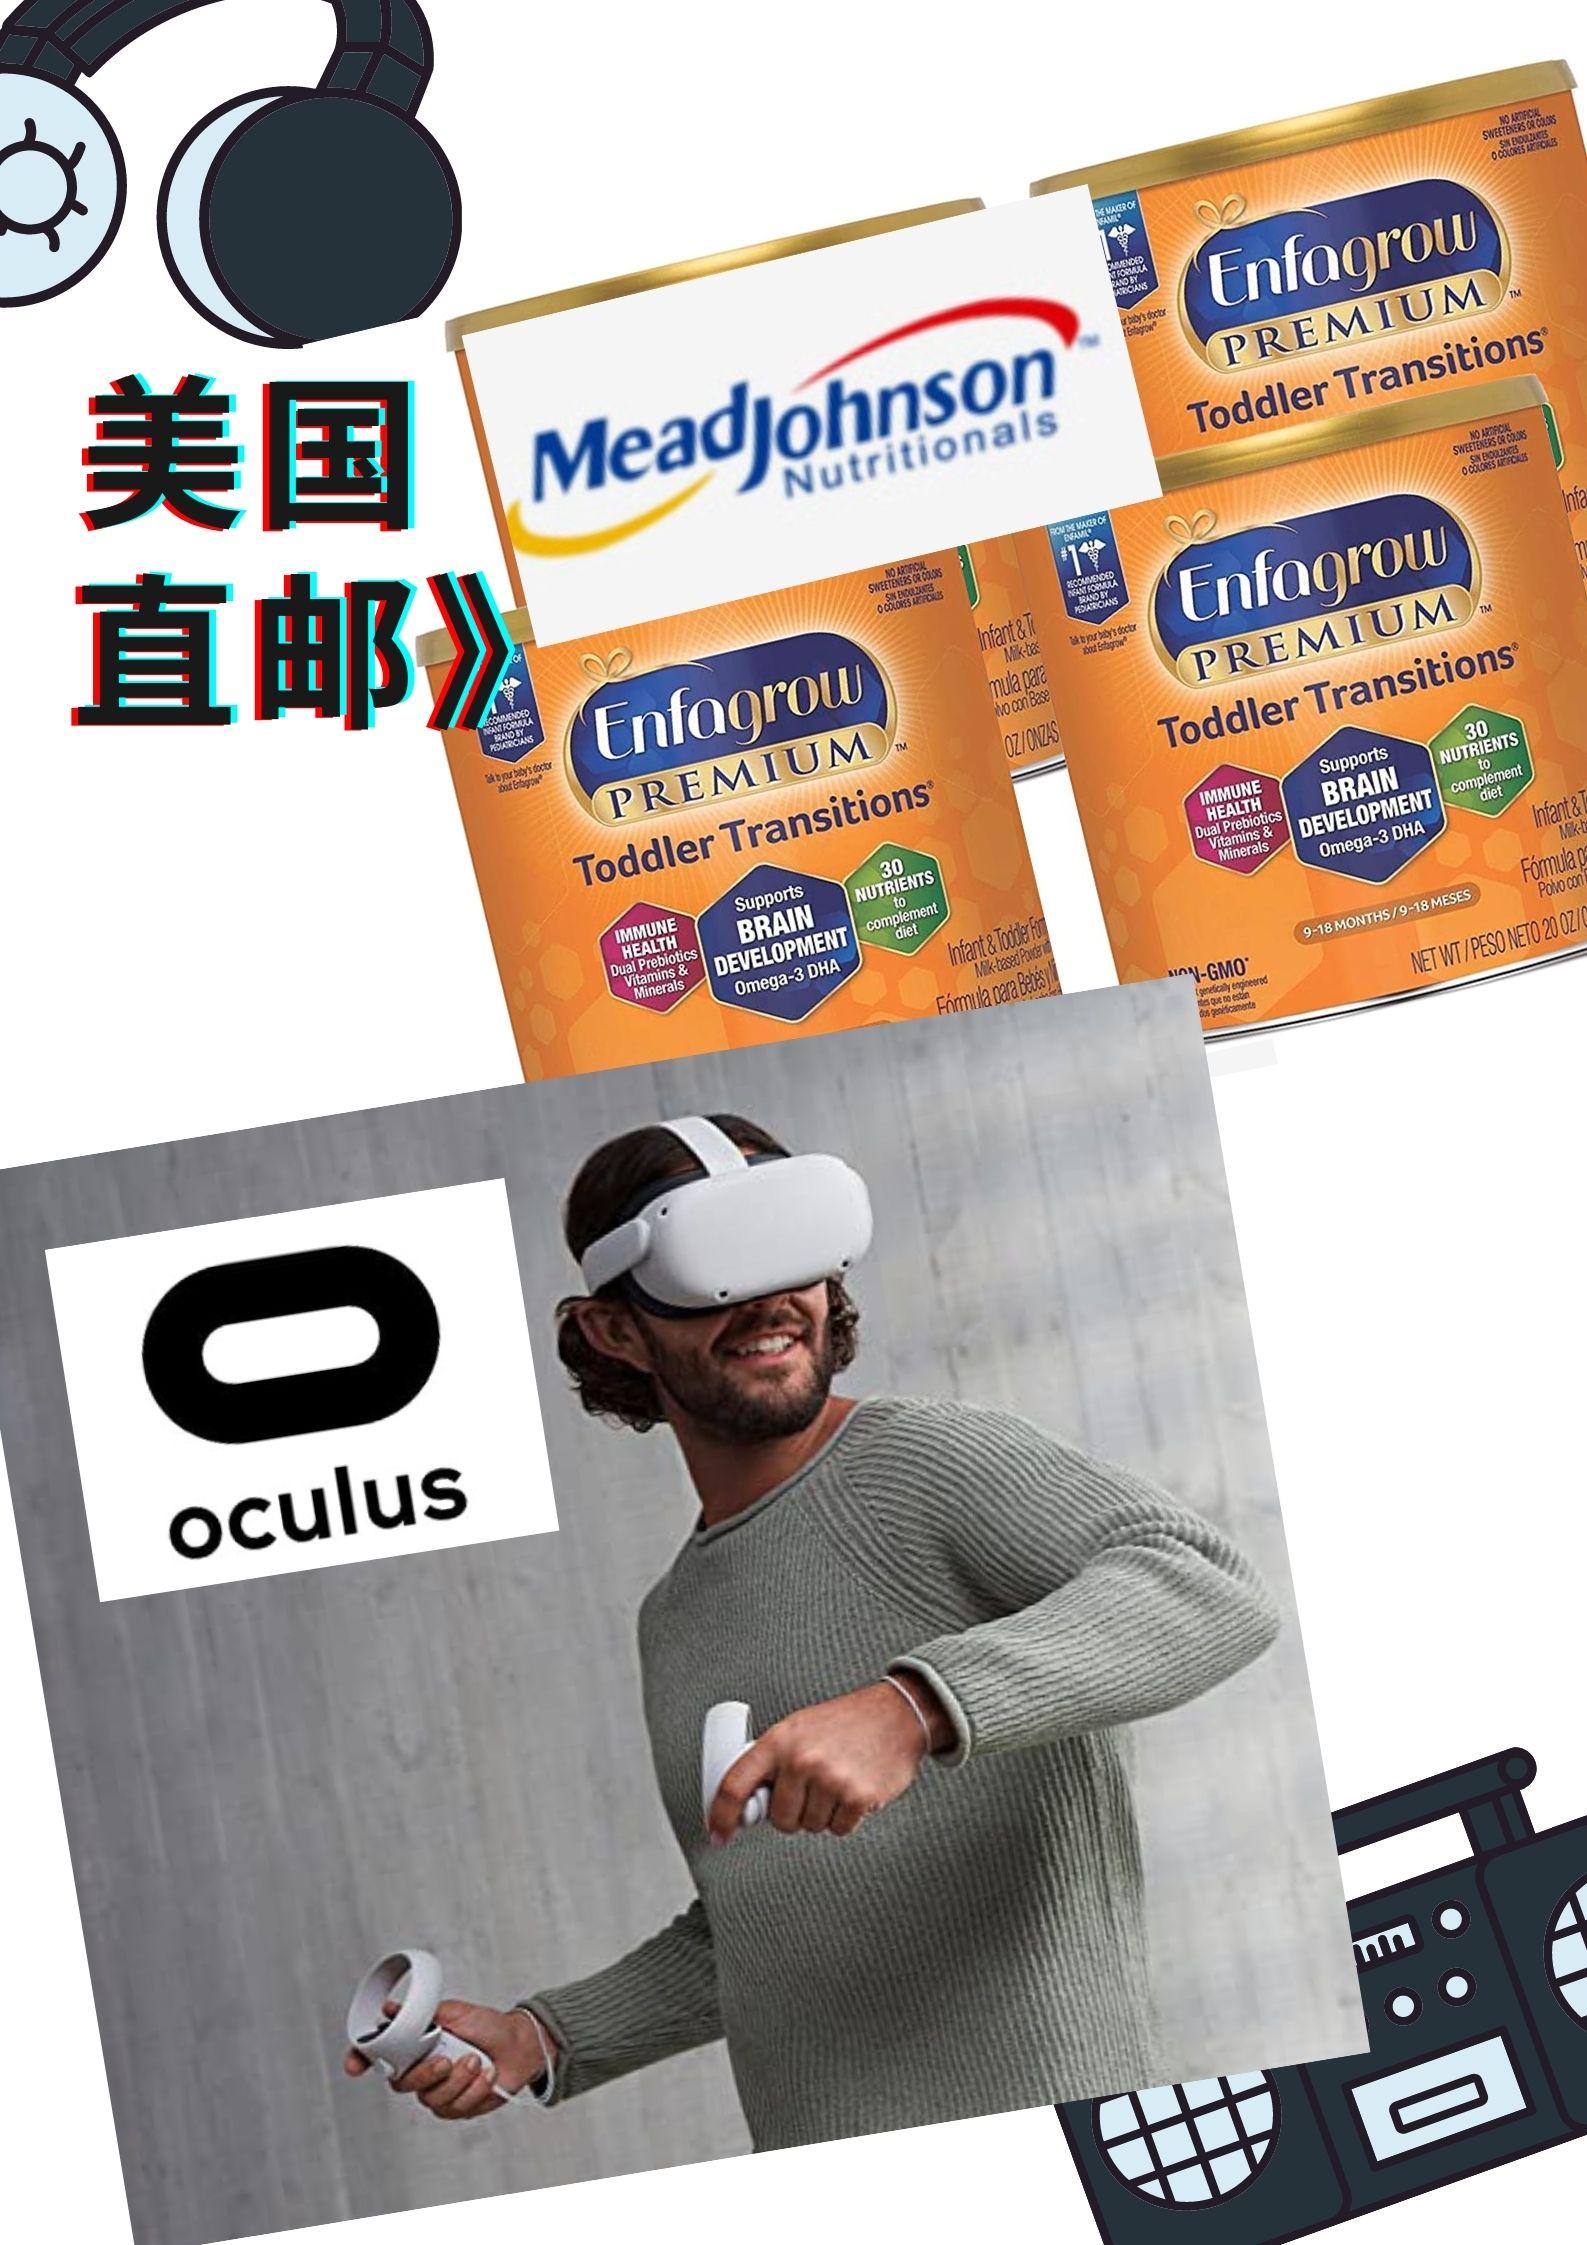 海外购美国直邮商品示例:Oculus及Mead Johnson美赞臣等热卖品牌